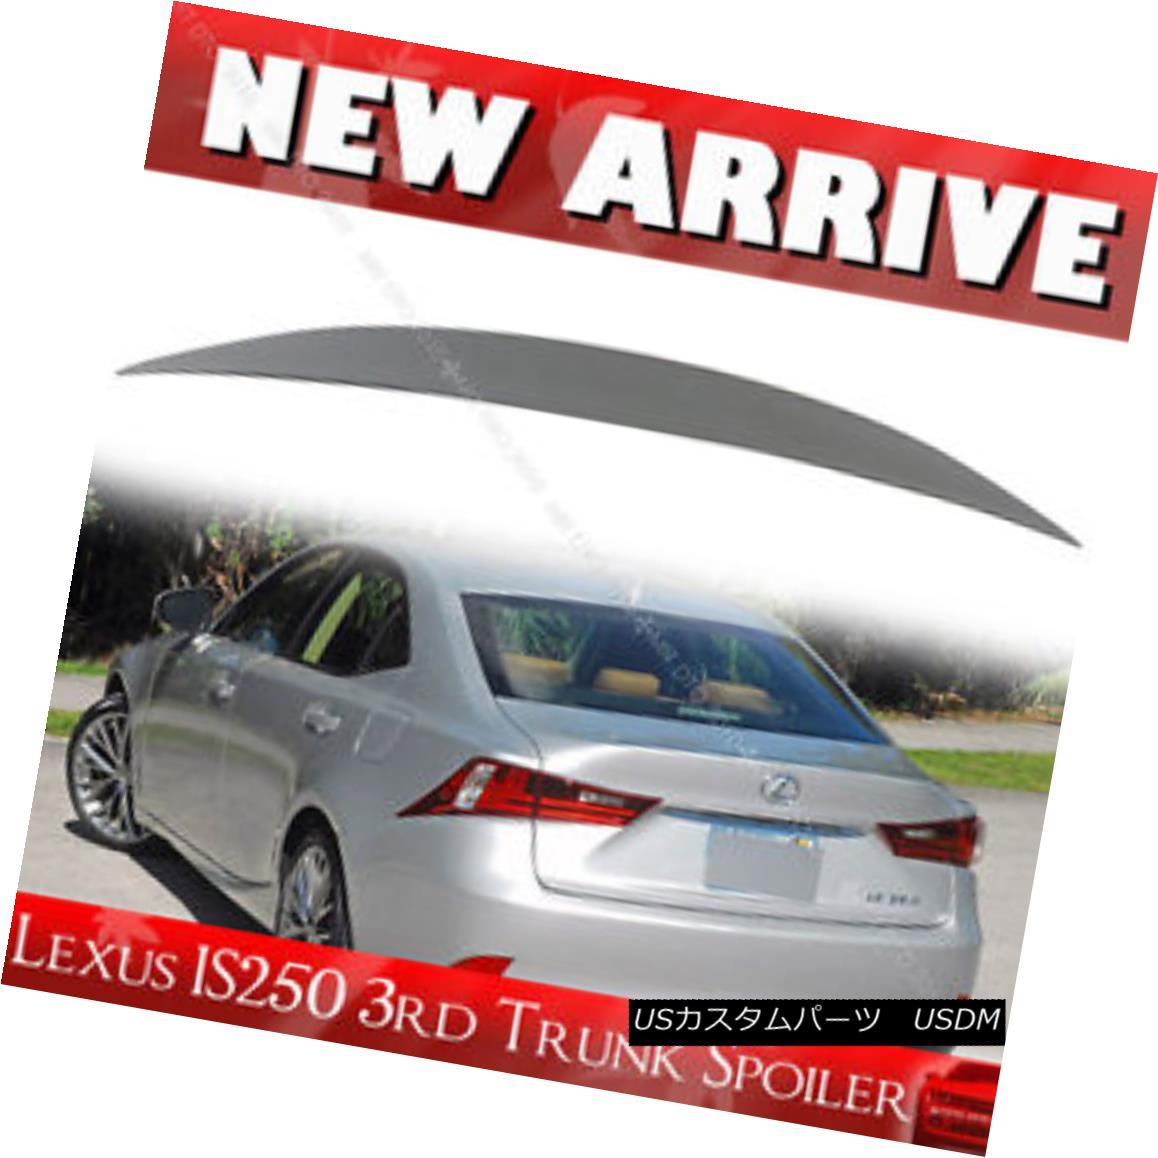 エアロパーツ For Lexus IS250 Sedan 4DR High Kick Unpainted 14 16 Rear Trunk Spoiler Wing レクサスIS250セダン用4DRハイキック未塗装14 16リアトランク・スポイラーウイング